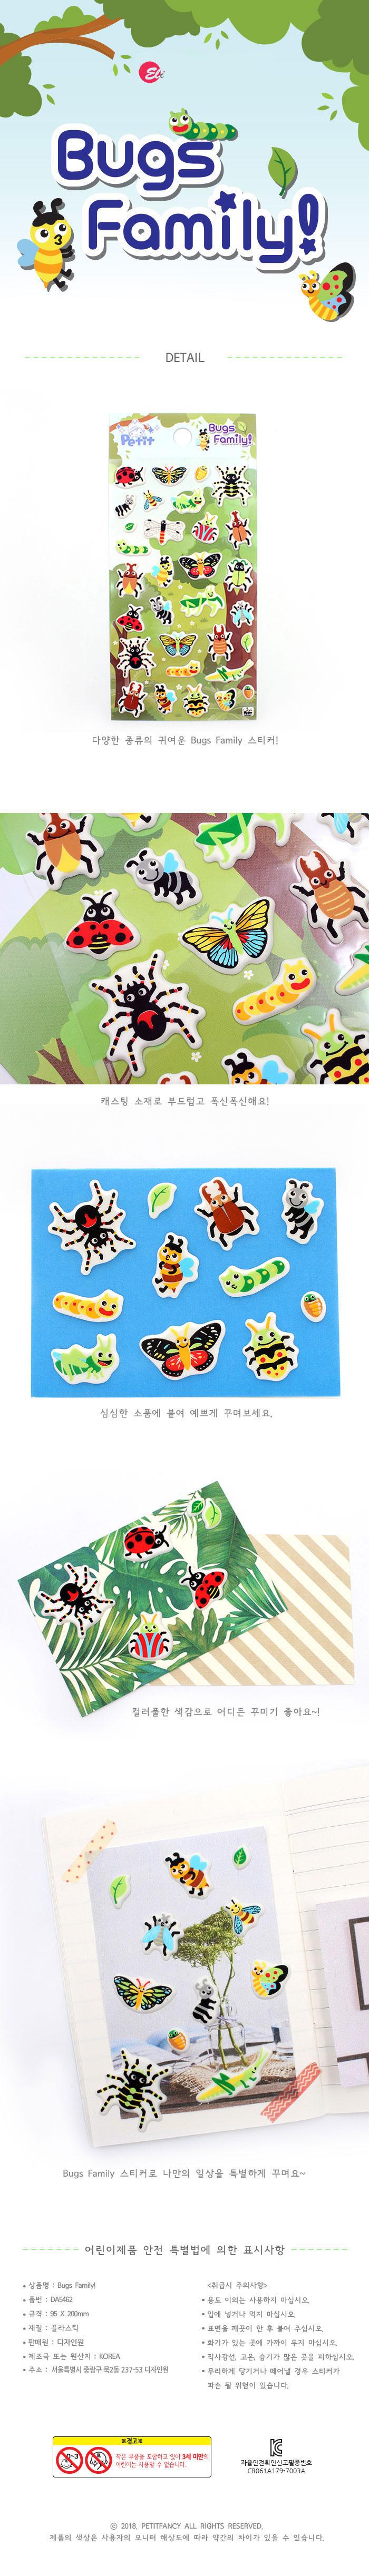 벅스패밀리 곤충 스티커_DA54621,500원-일라이디자인문구, 데코레이션, 스티커, 메시지스티커바보사랑벅스패밀리 곤충 스티커_DA54621,500원-일라이디자인문구, 데코레이션, 스티커, 메시지스티커바보사랑